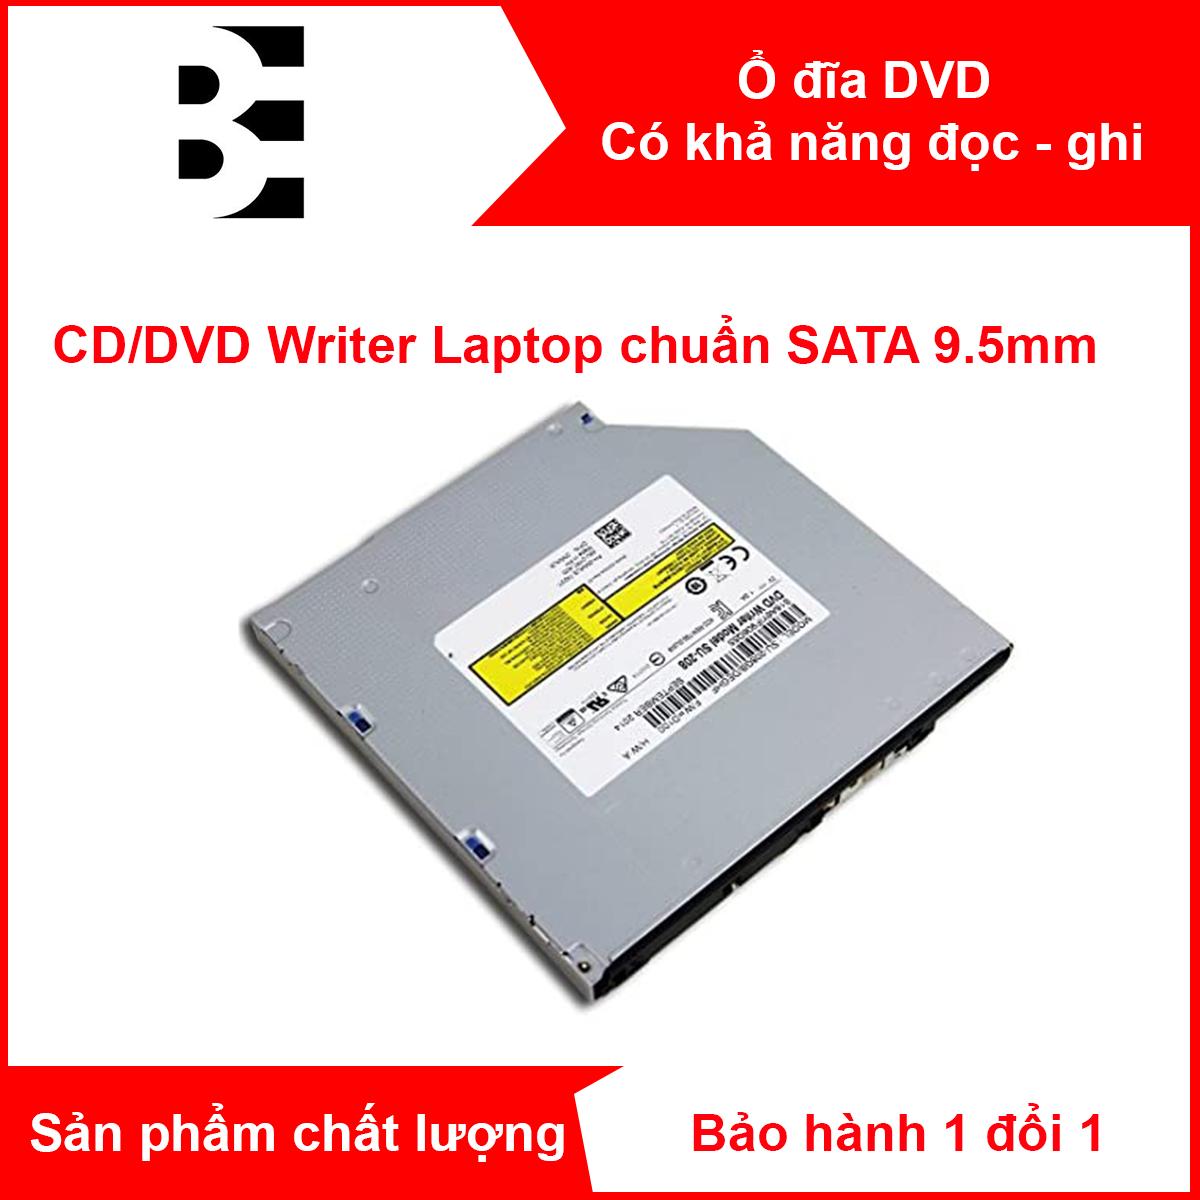 Ổ đĩa quang cho LAPTOP/ PC DVD-RW SATA tháo máy chuẩn SATA kích thước 9.5mm DVD Slim